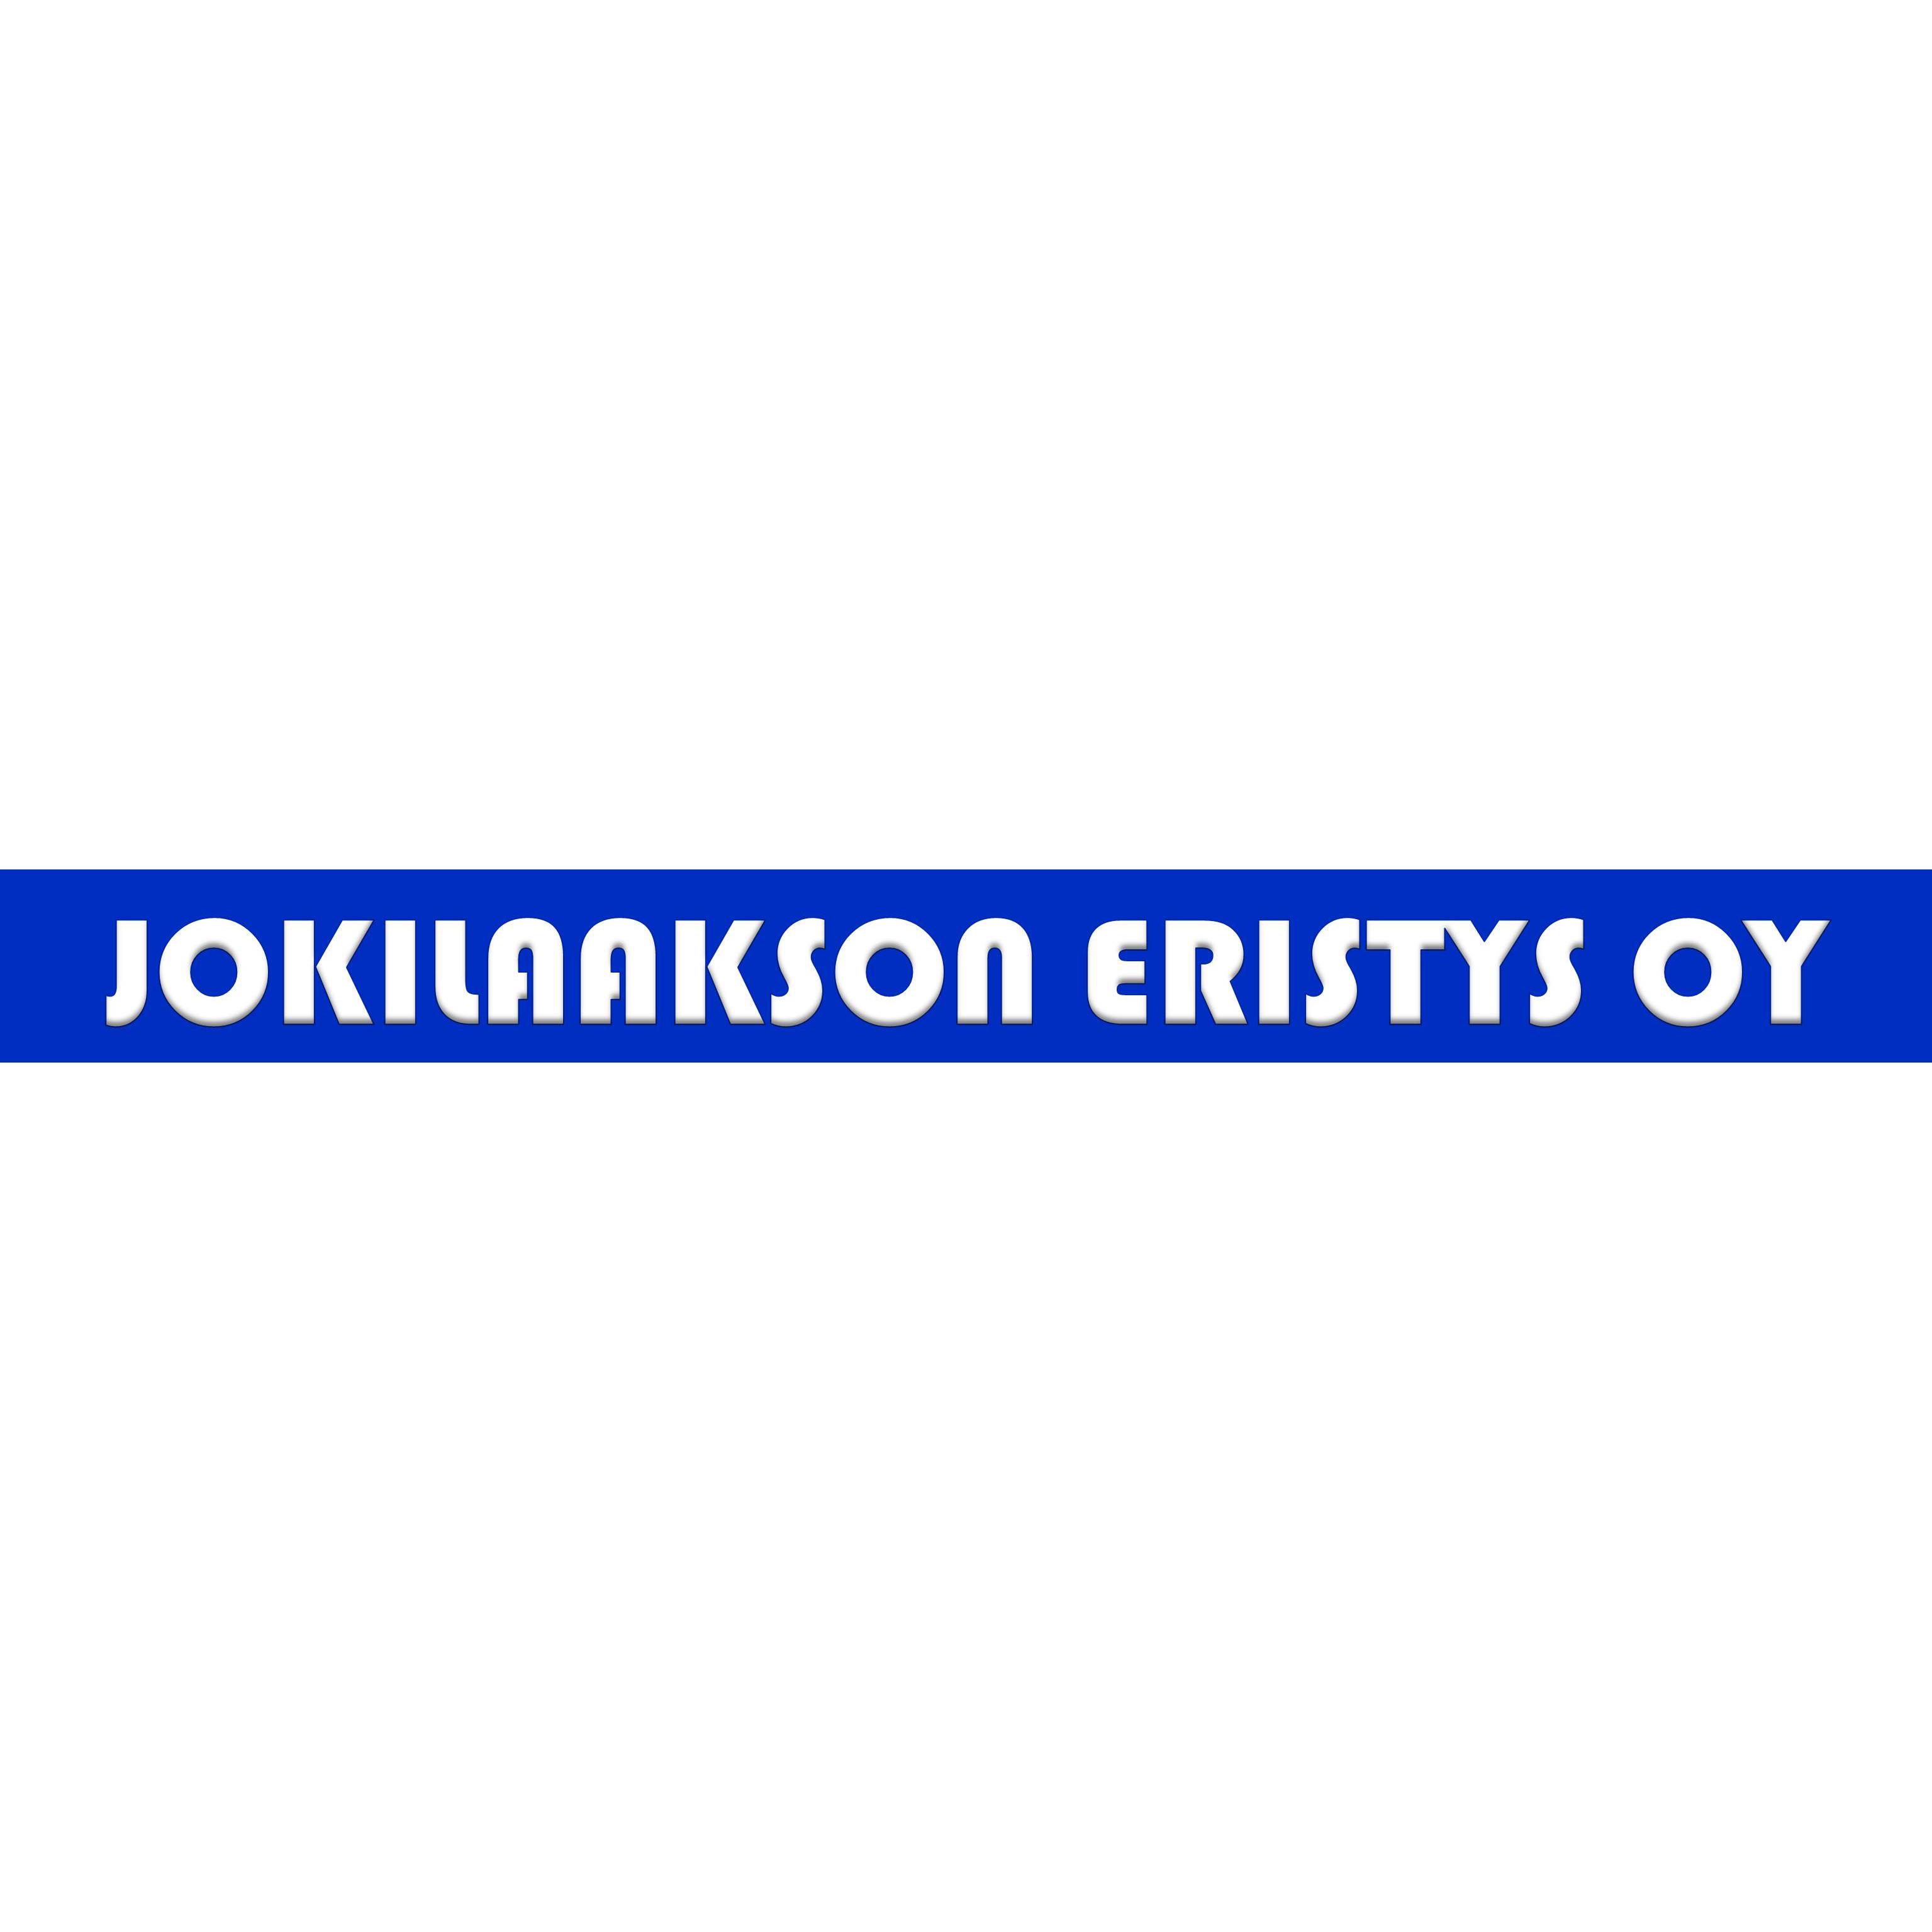 Jokilaakson Eristys Oy